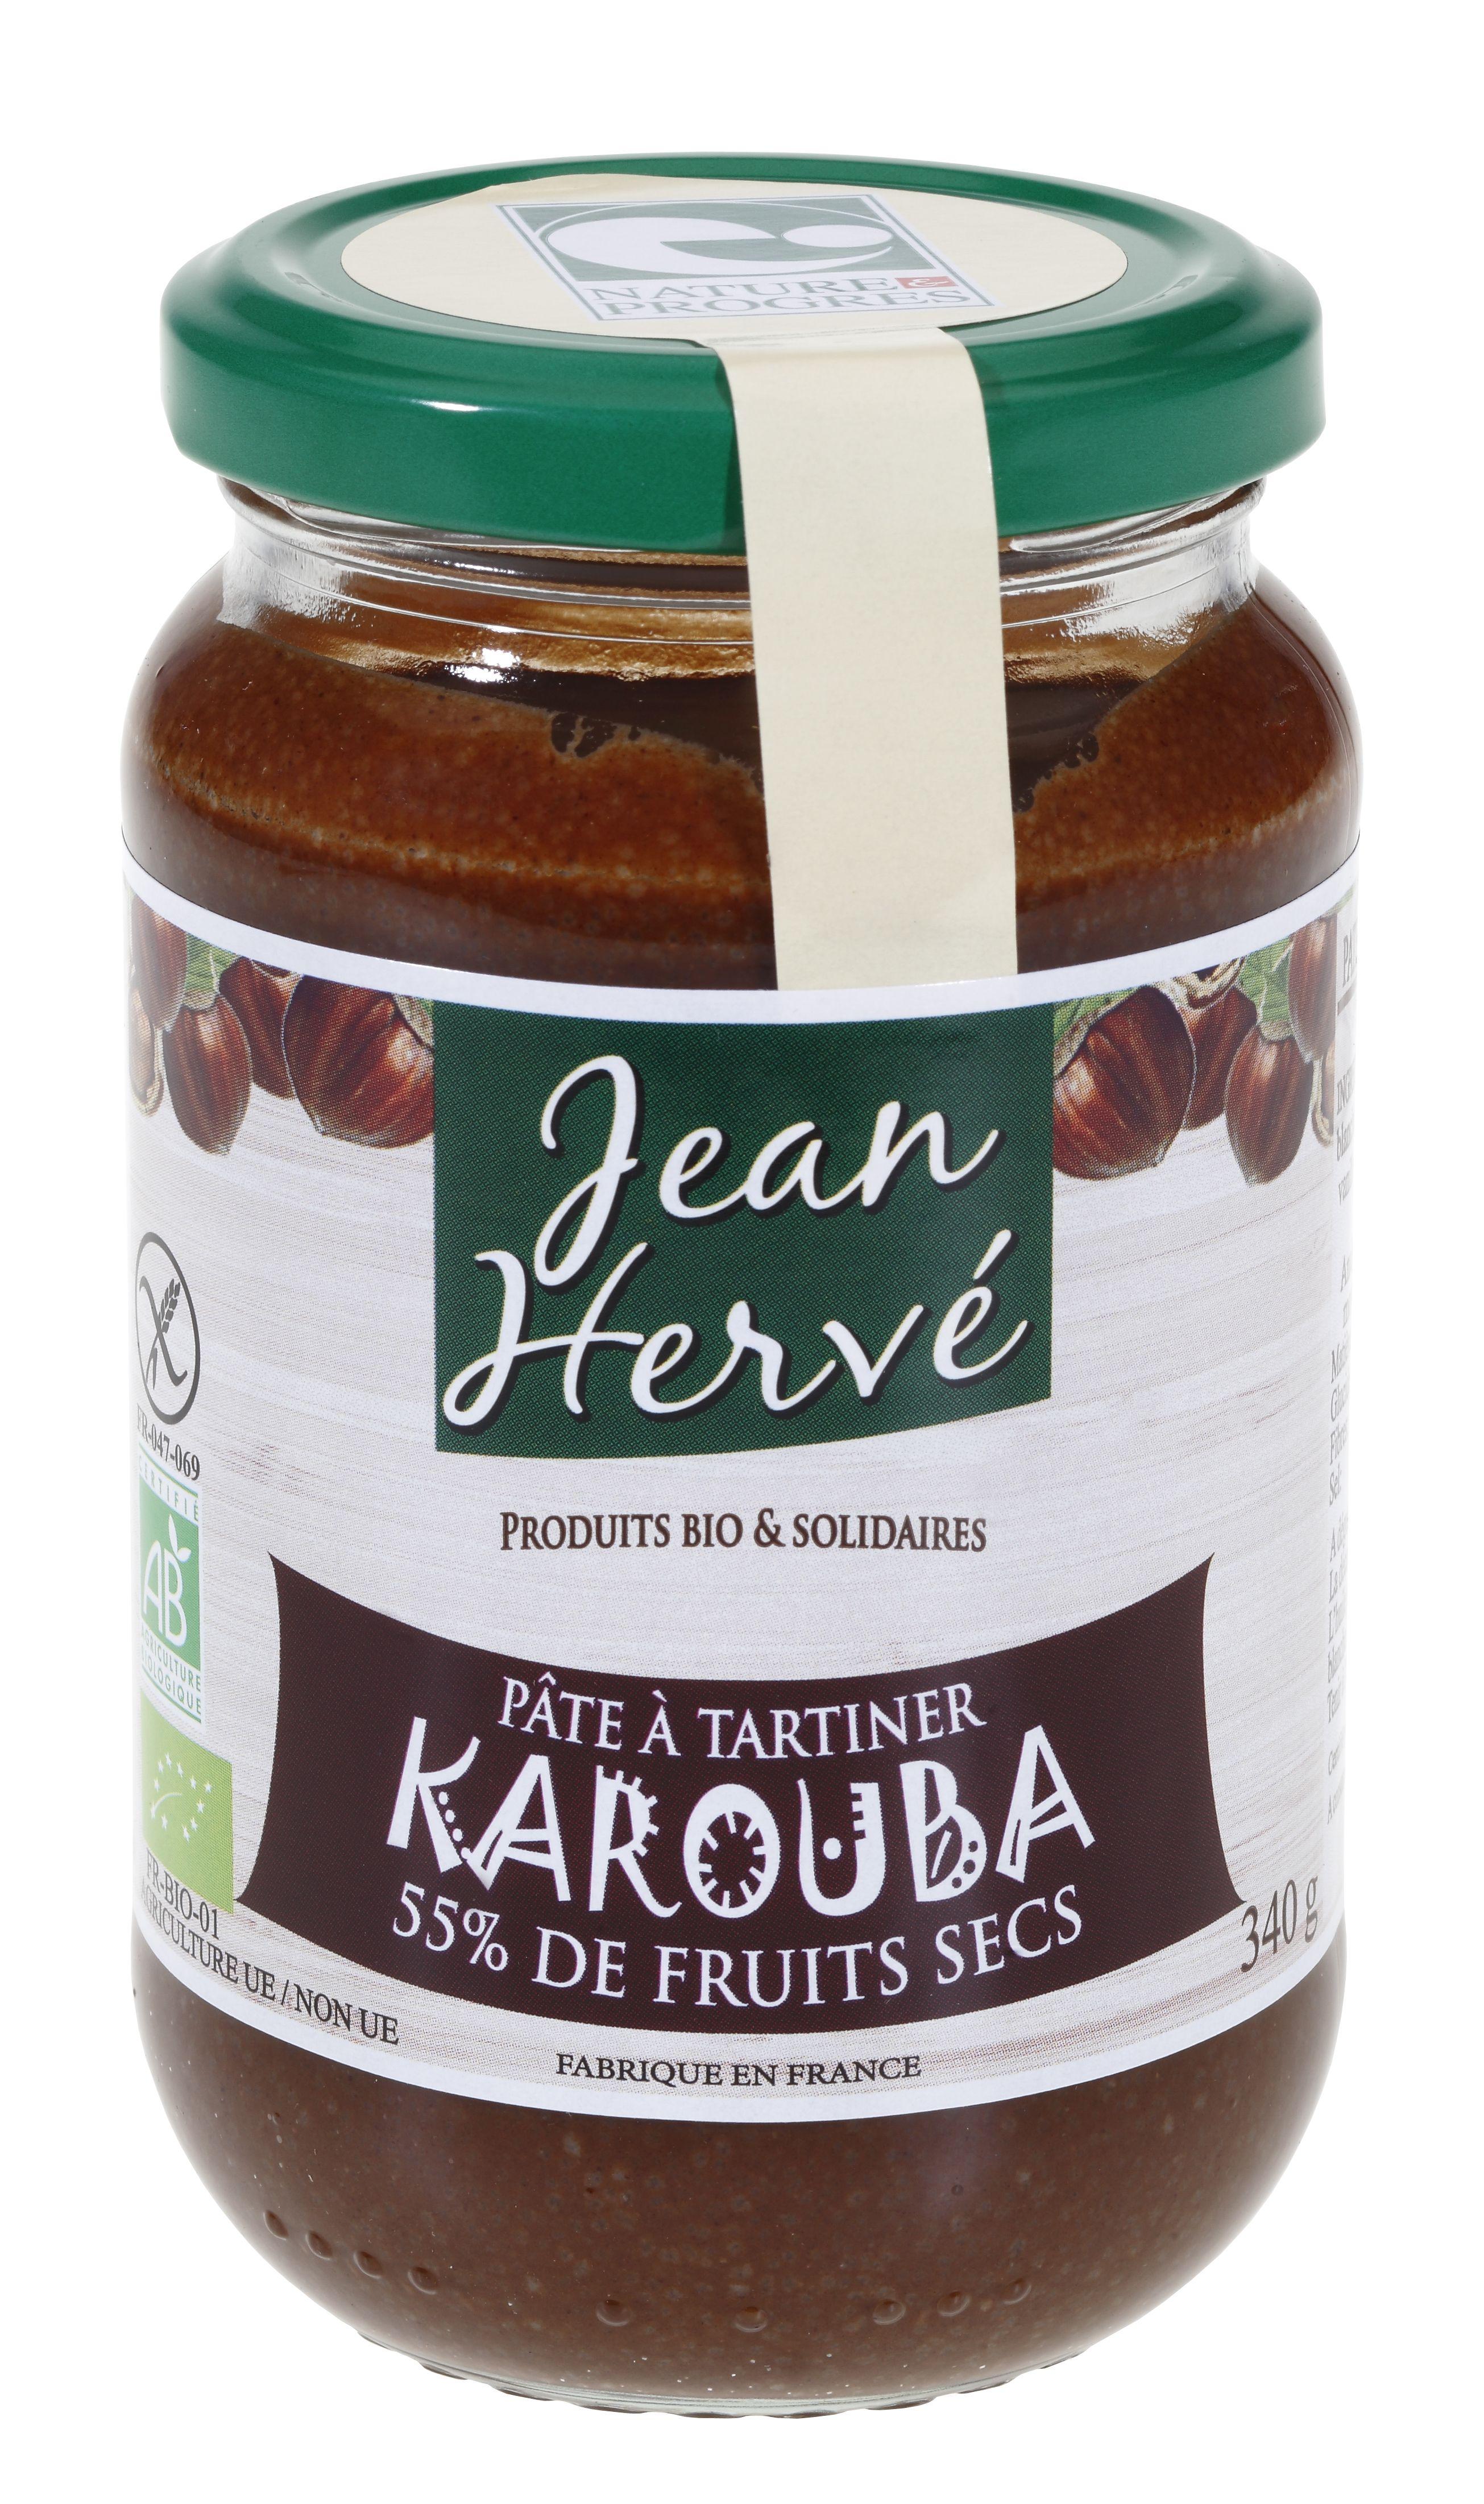 Pâte à tartiner Karouba BIO, Jean Hervé (340 g)